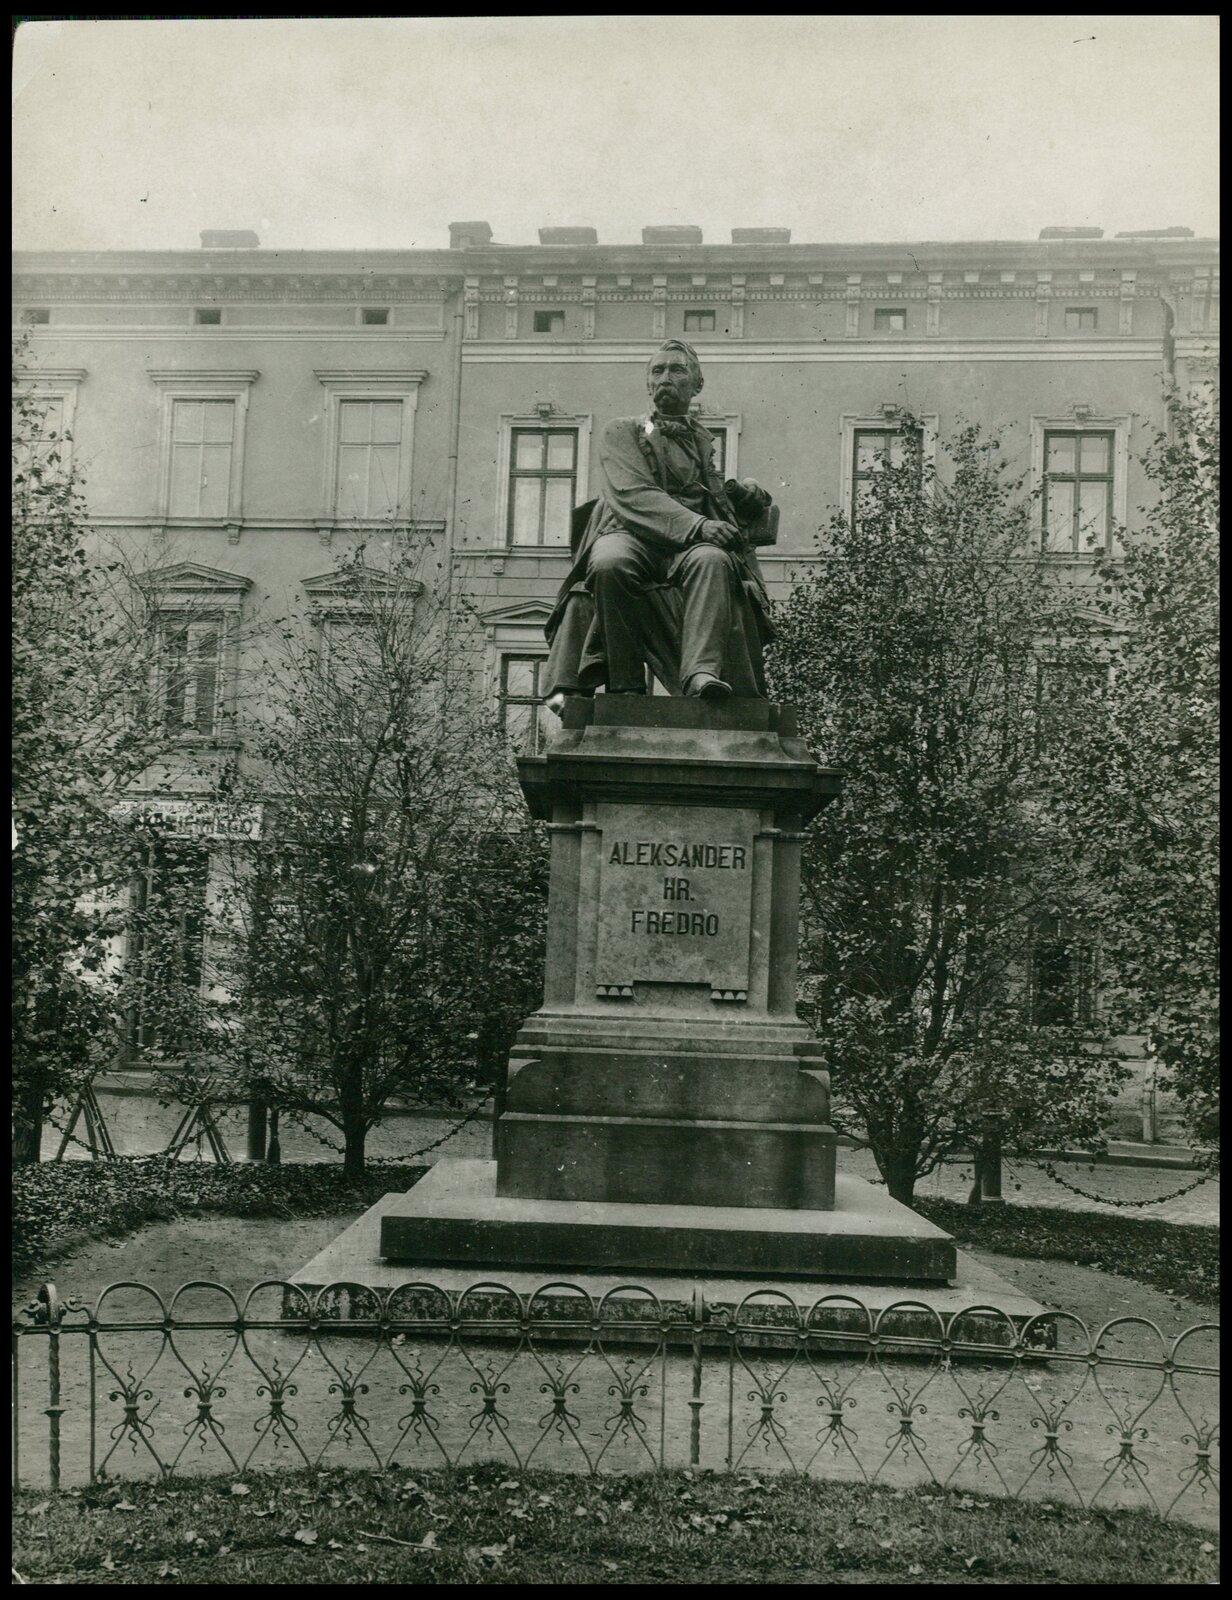 Leonard Marconi, Pomnik Aleksandra Fredry Leonard Marconi, Pomnik Aleksandra Fredry Źródło: Marek Münz, Lwów, ok. 1920, pocztówka, domena publiczna.